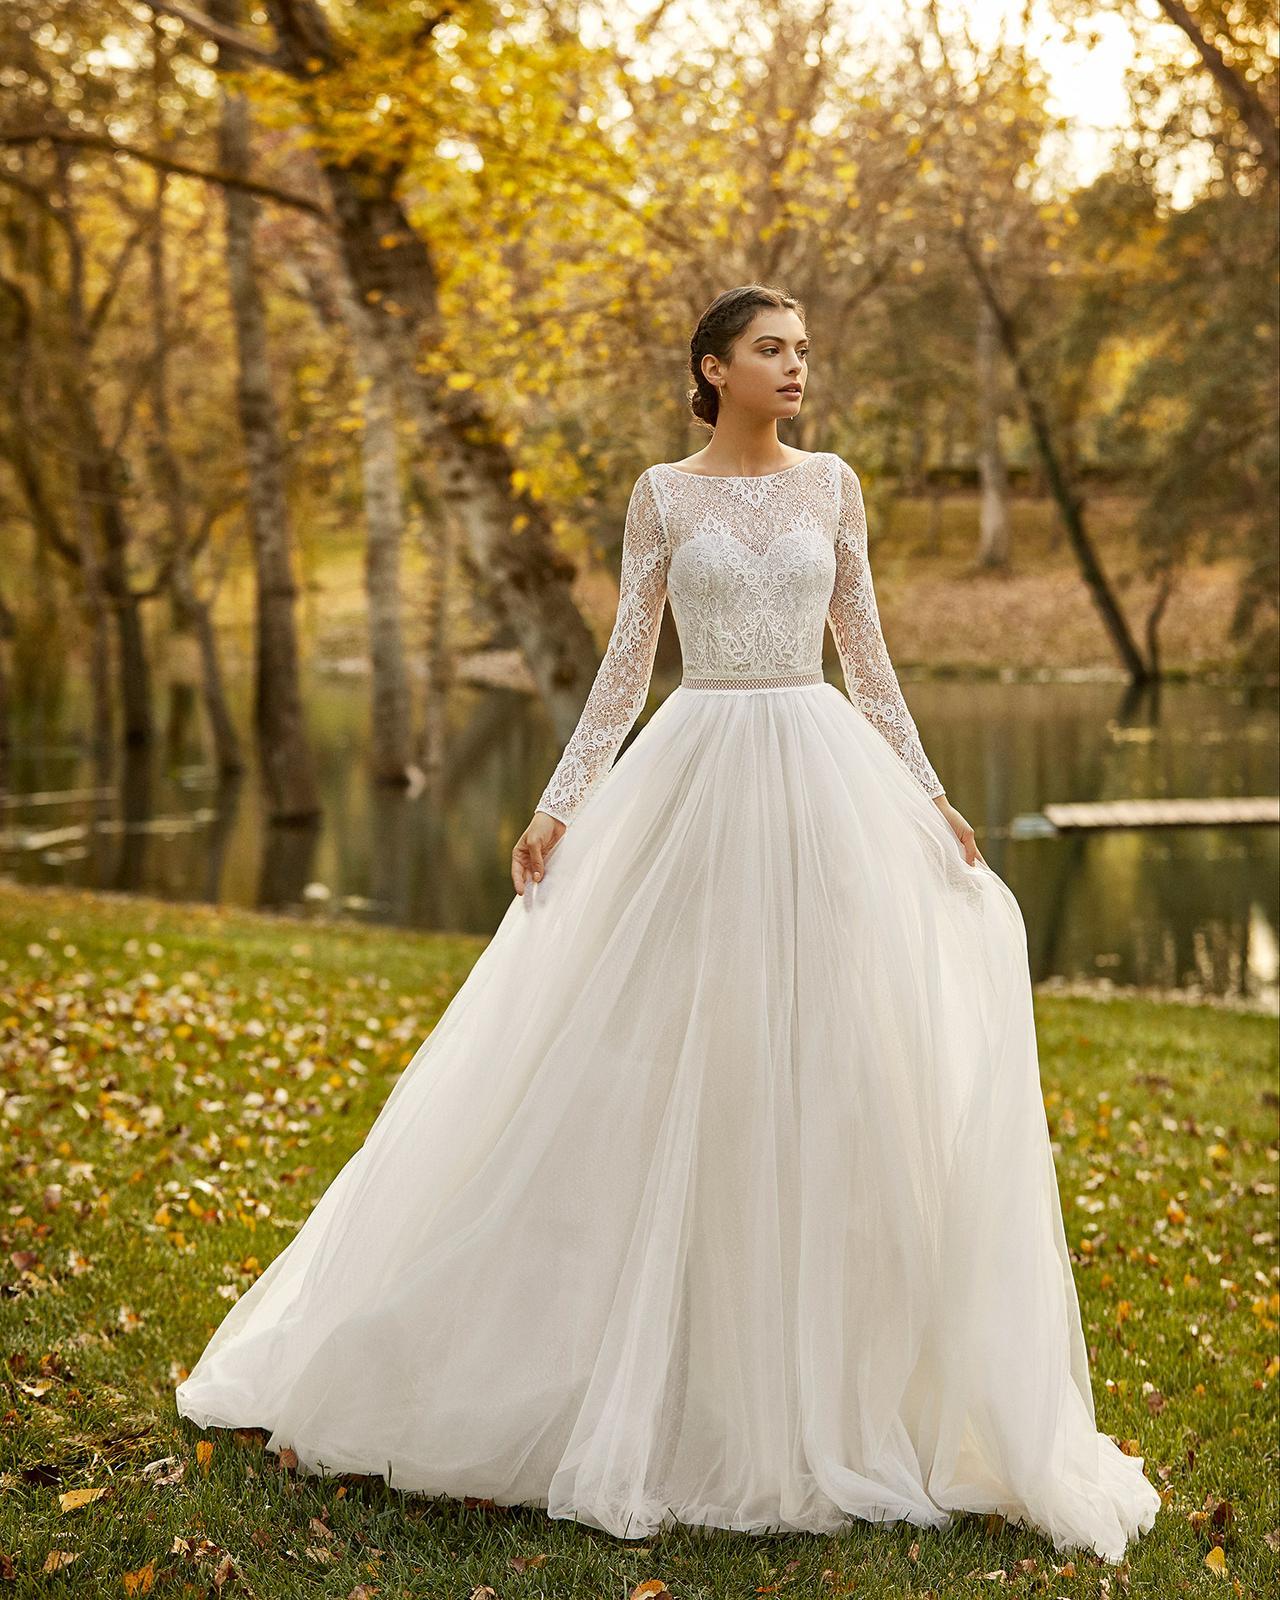 Svadobné šaty z kolekcií na rok 2020 - Obrázok č. 59